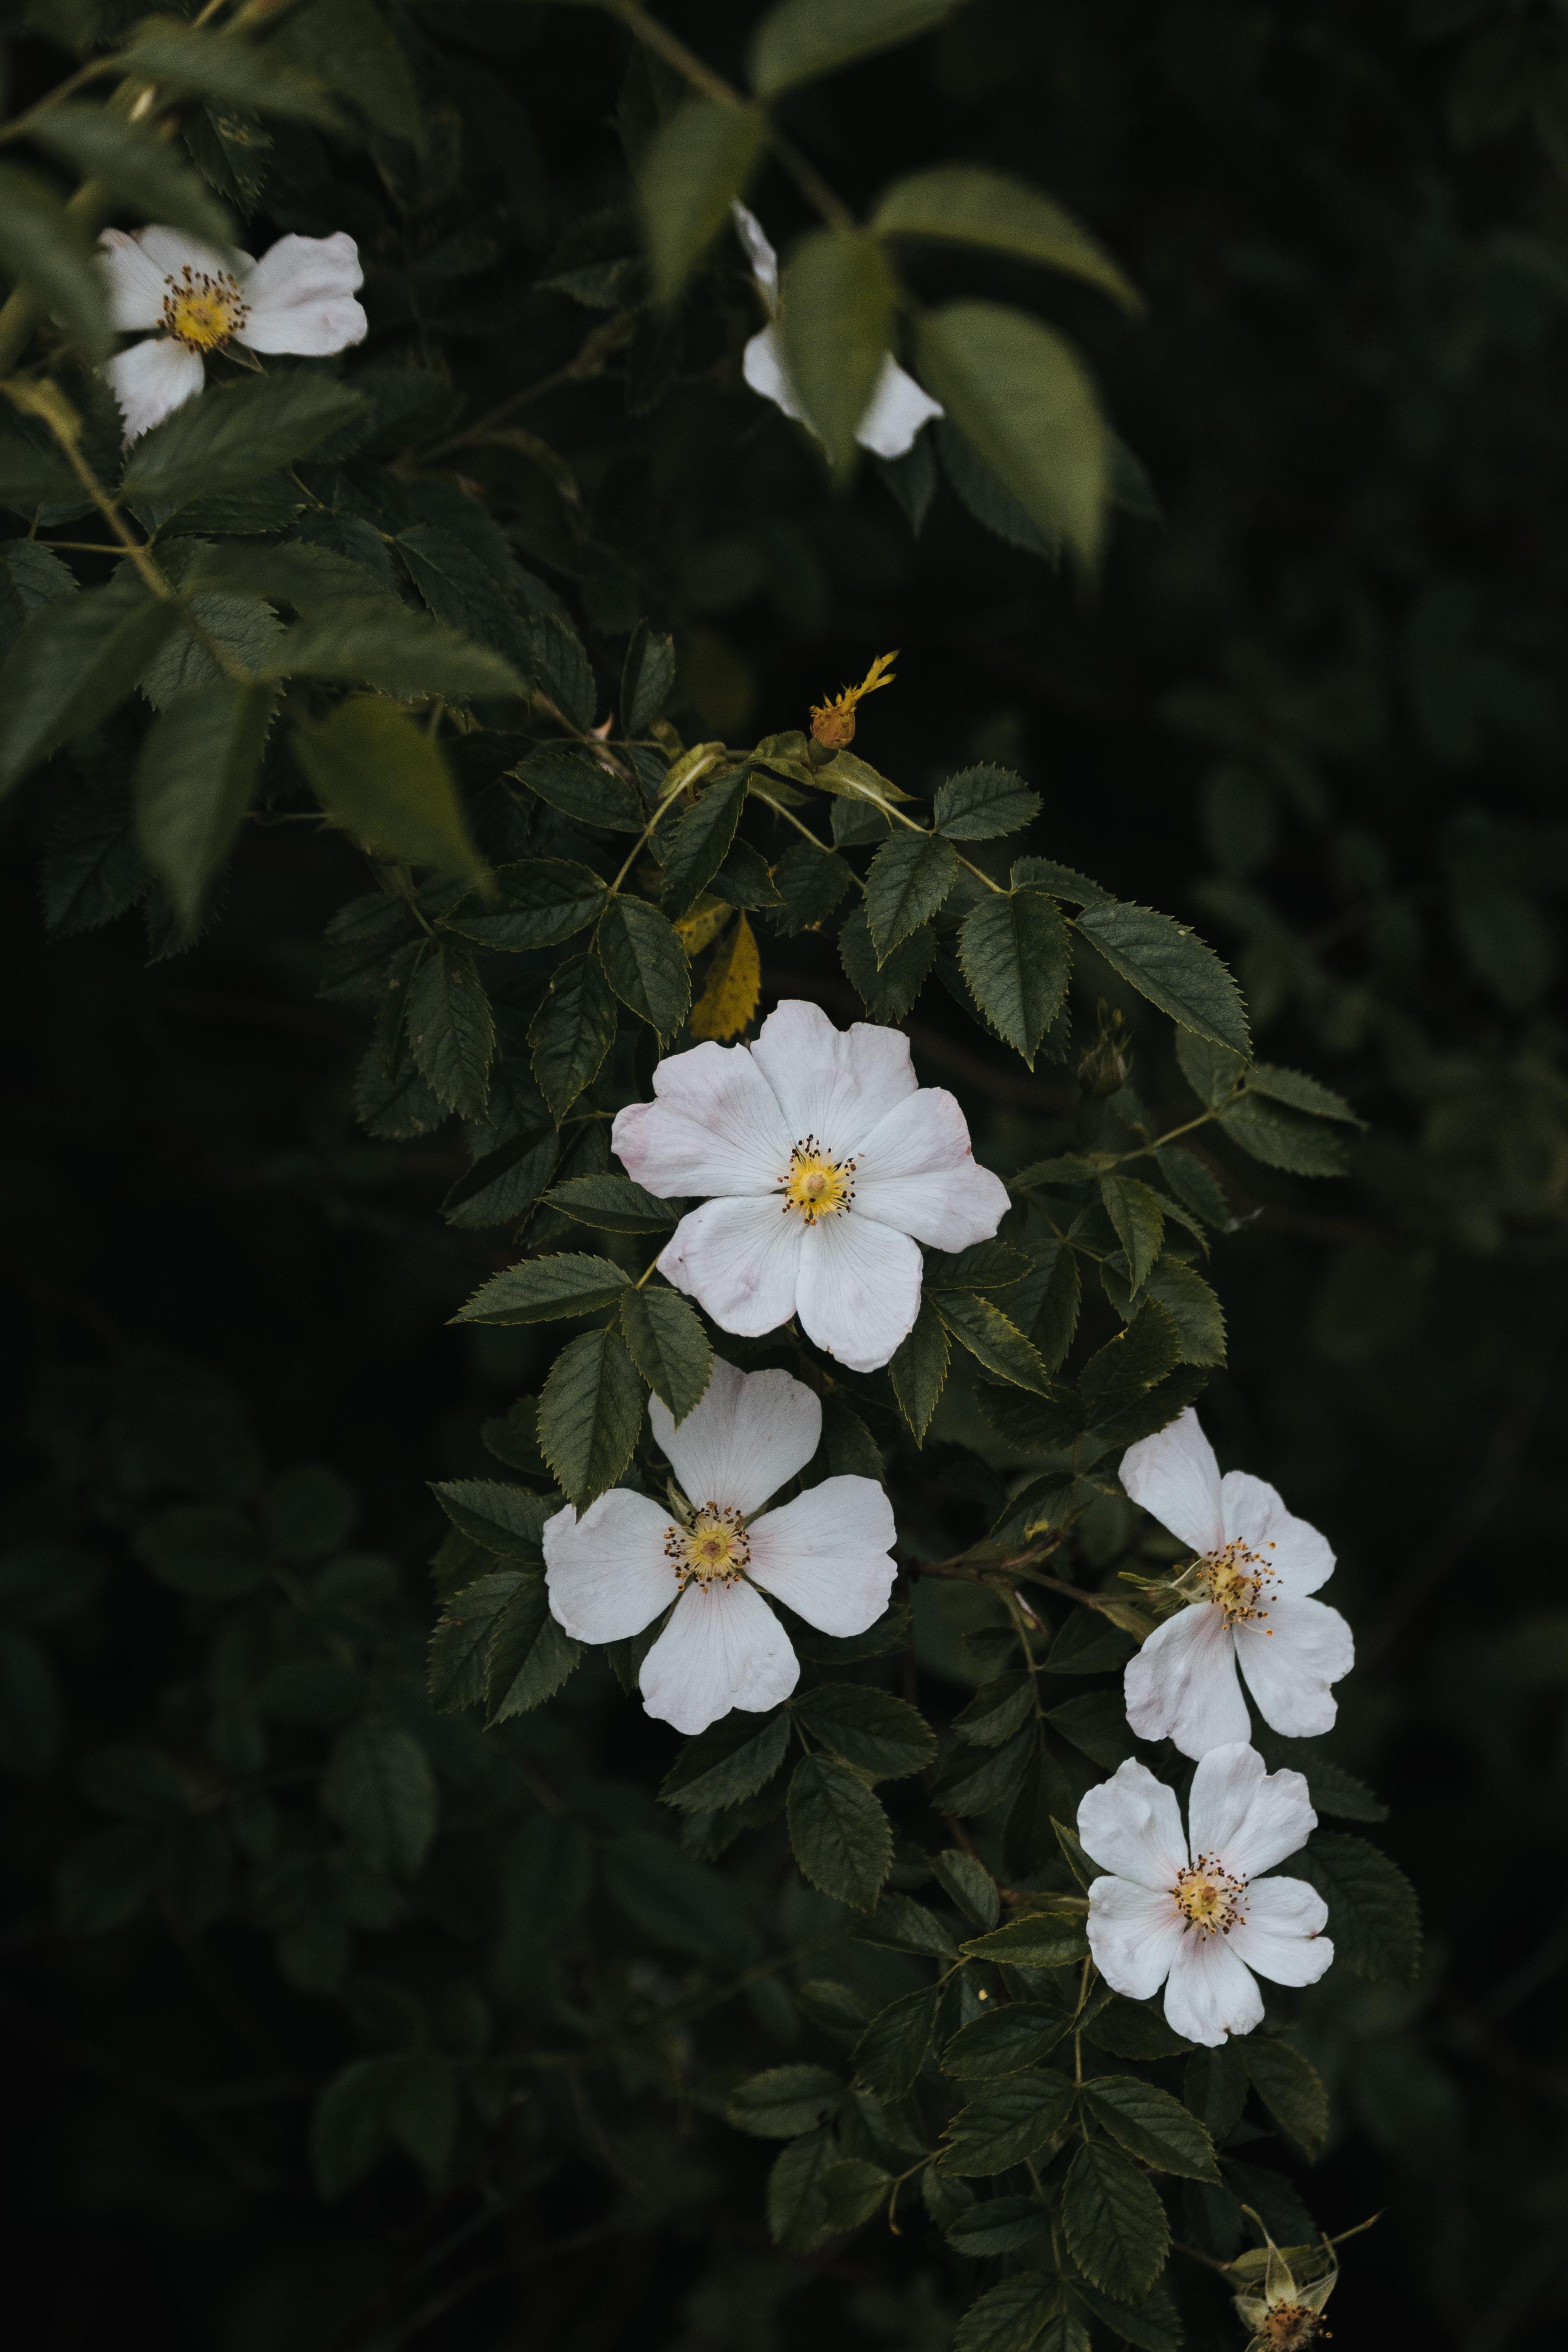 94382 скачать обои Цветы, Шиповник, Цветение, Куст - заставки и картинки бесплатно